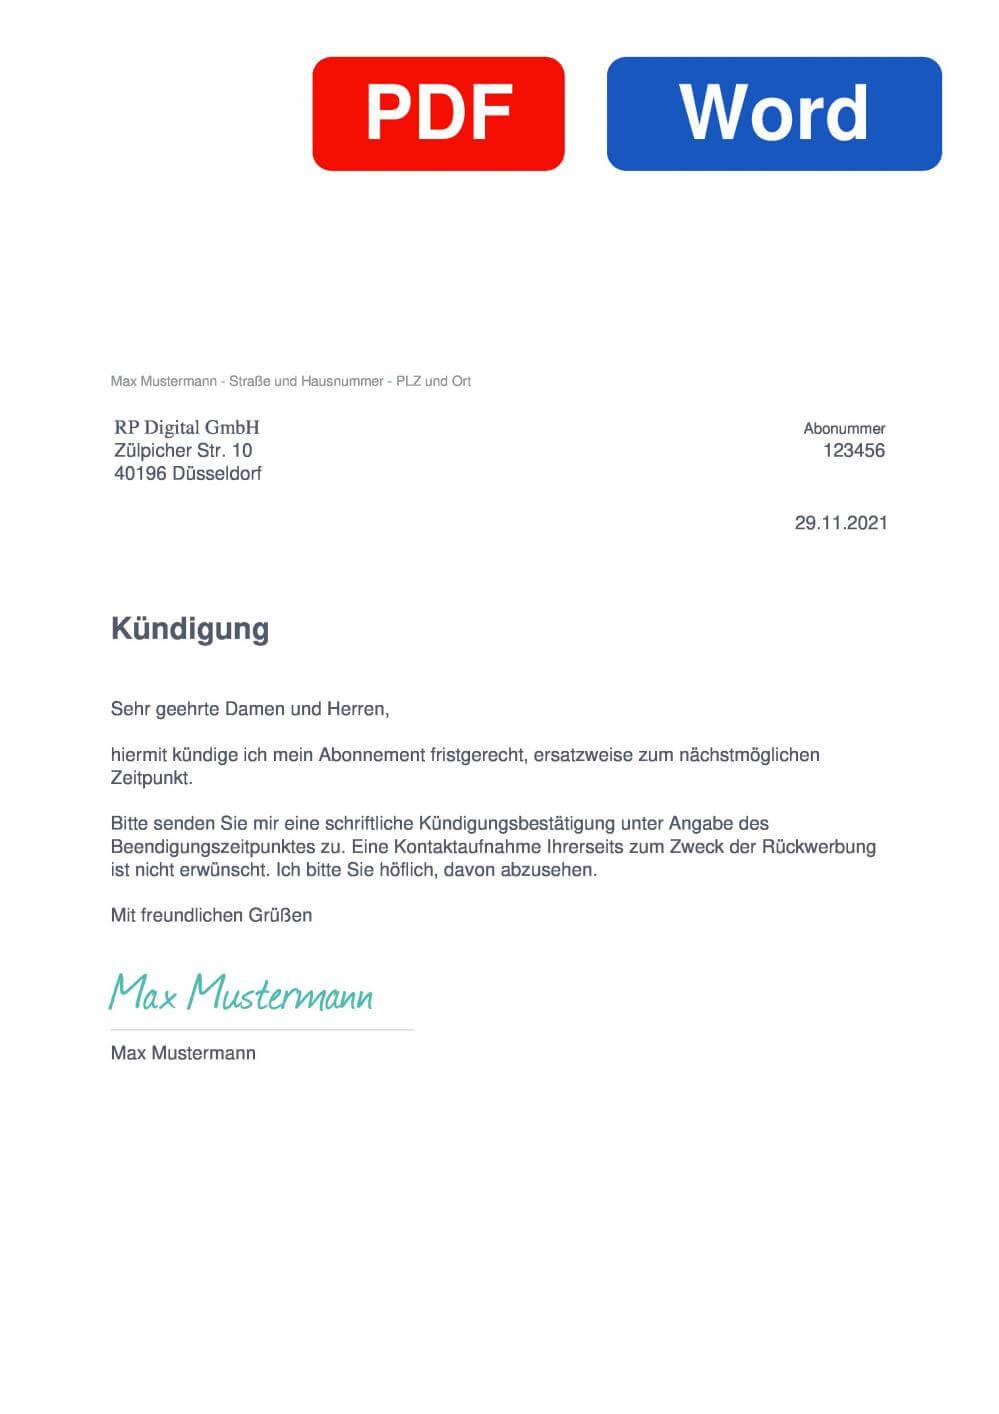 Rheinische Post Muster Vorlage für Kündigungsschreiben